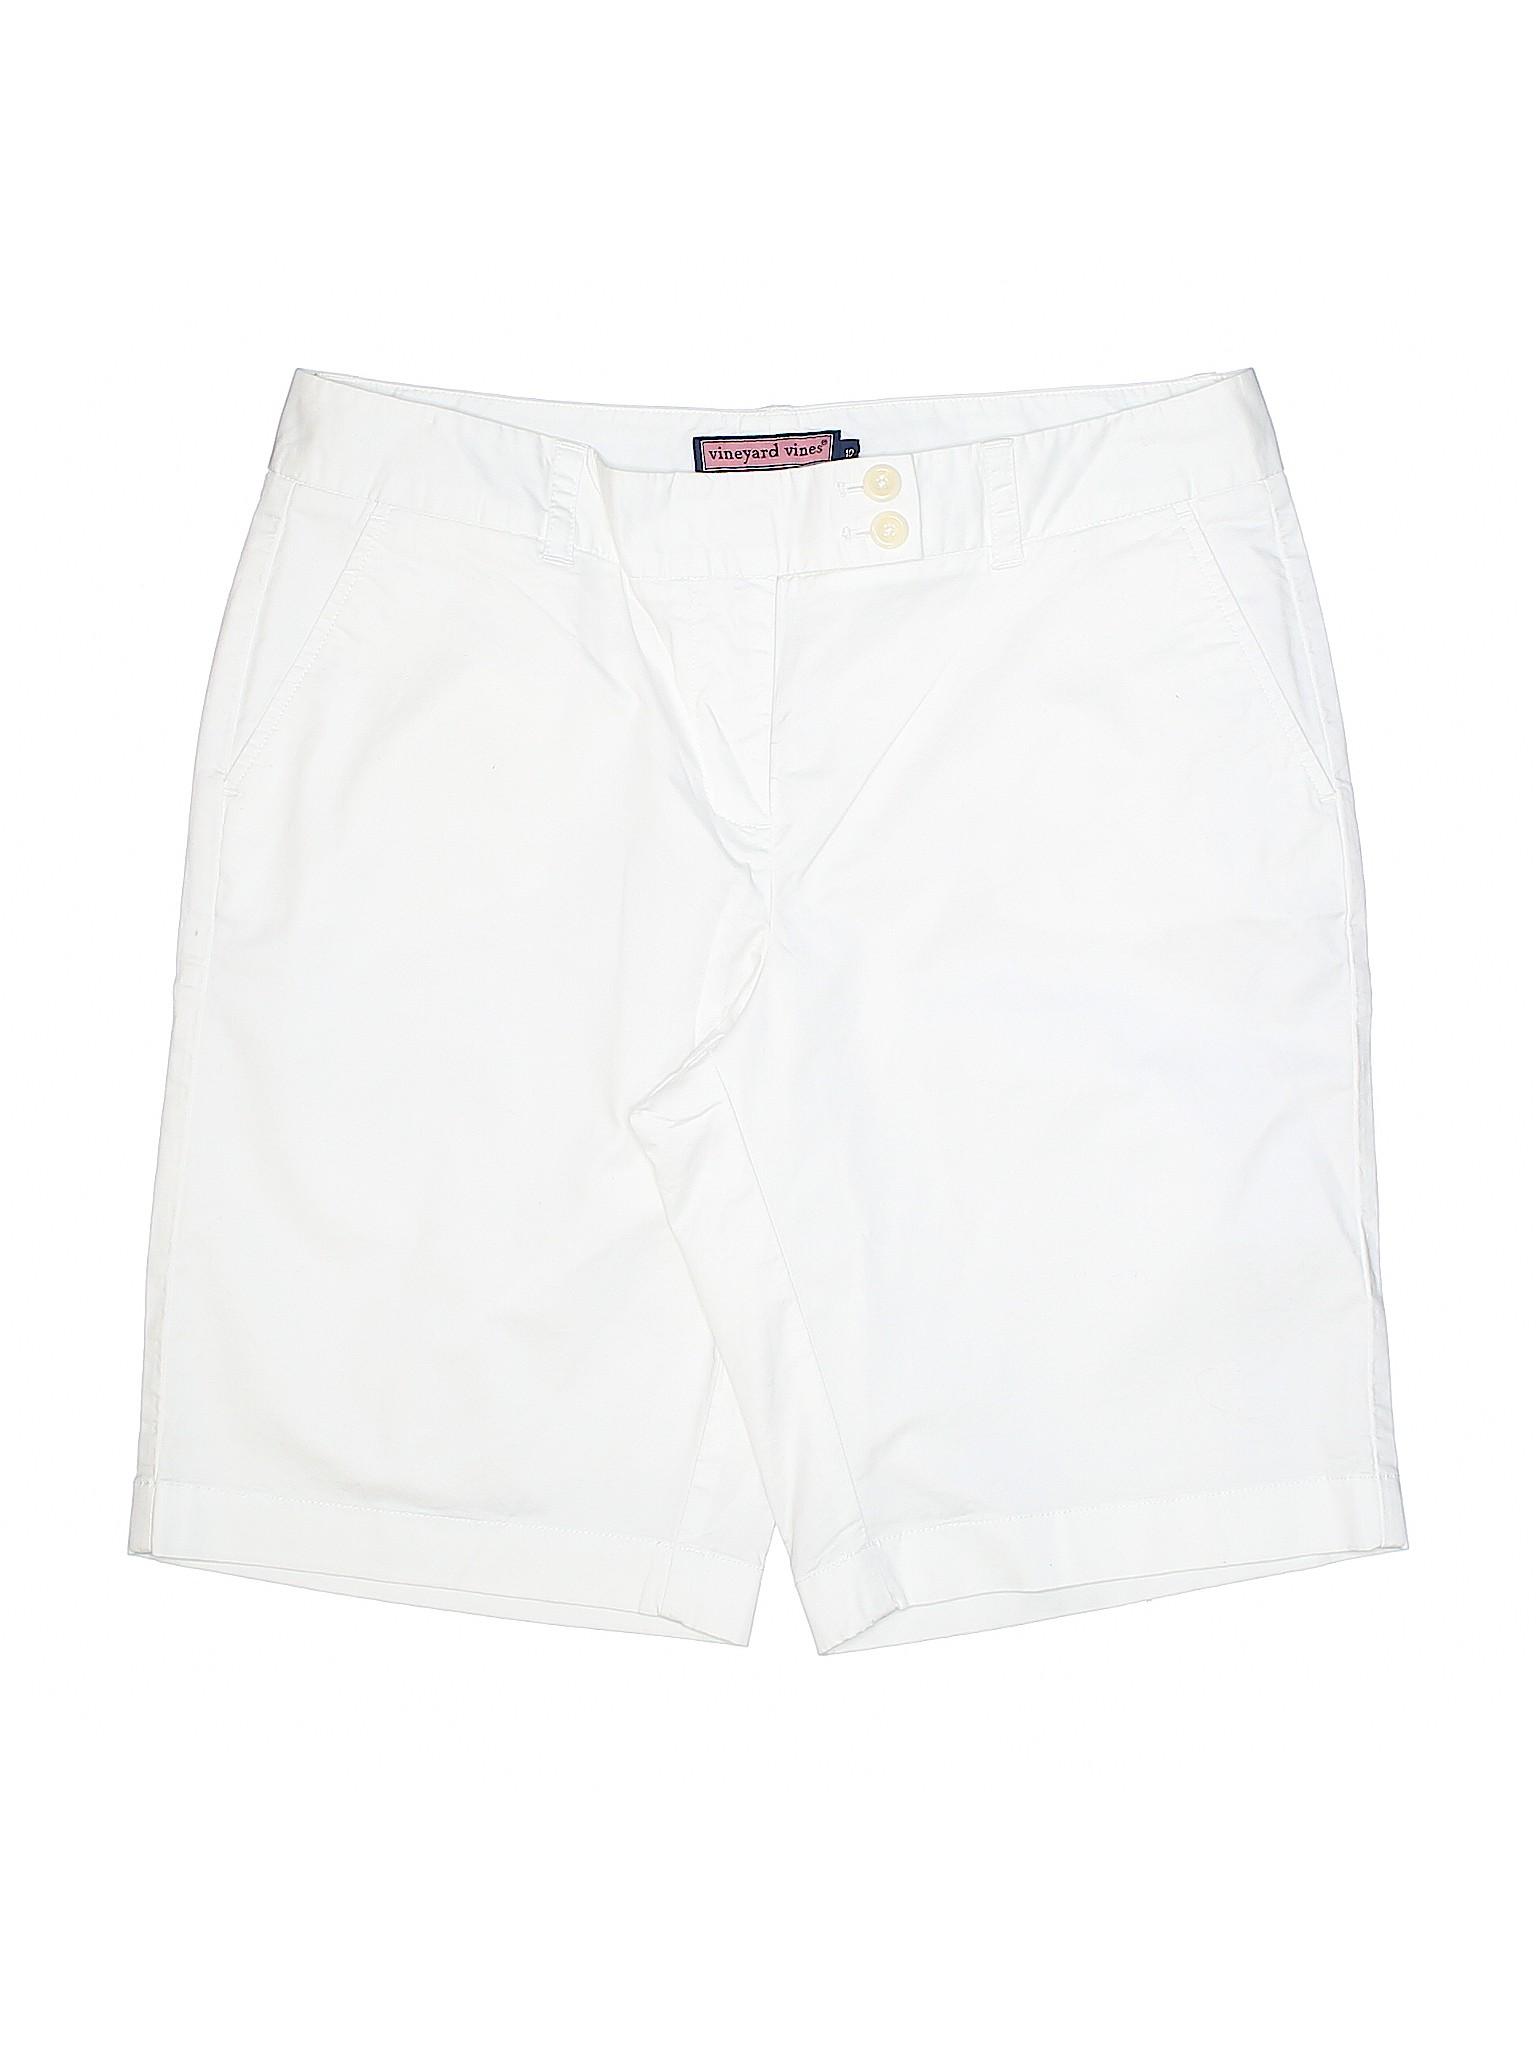 Khaki Khaki Vineyard Vineyard Vineyard Shorts Vines Shorts Boutique Shorts Vines Khaki Boutique Boutique Vines Sq6T7Yx